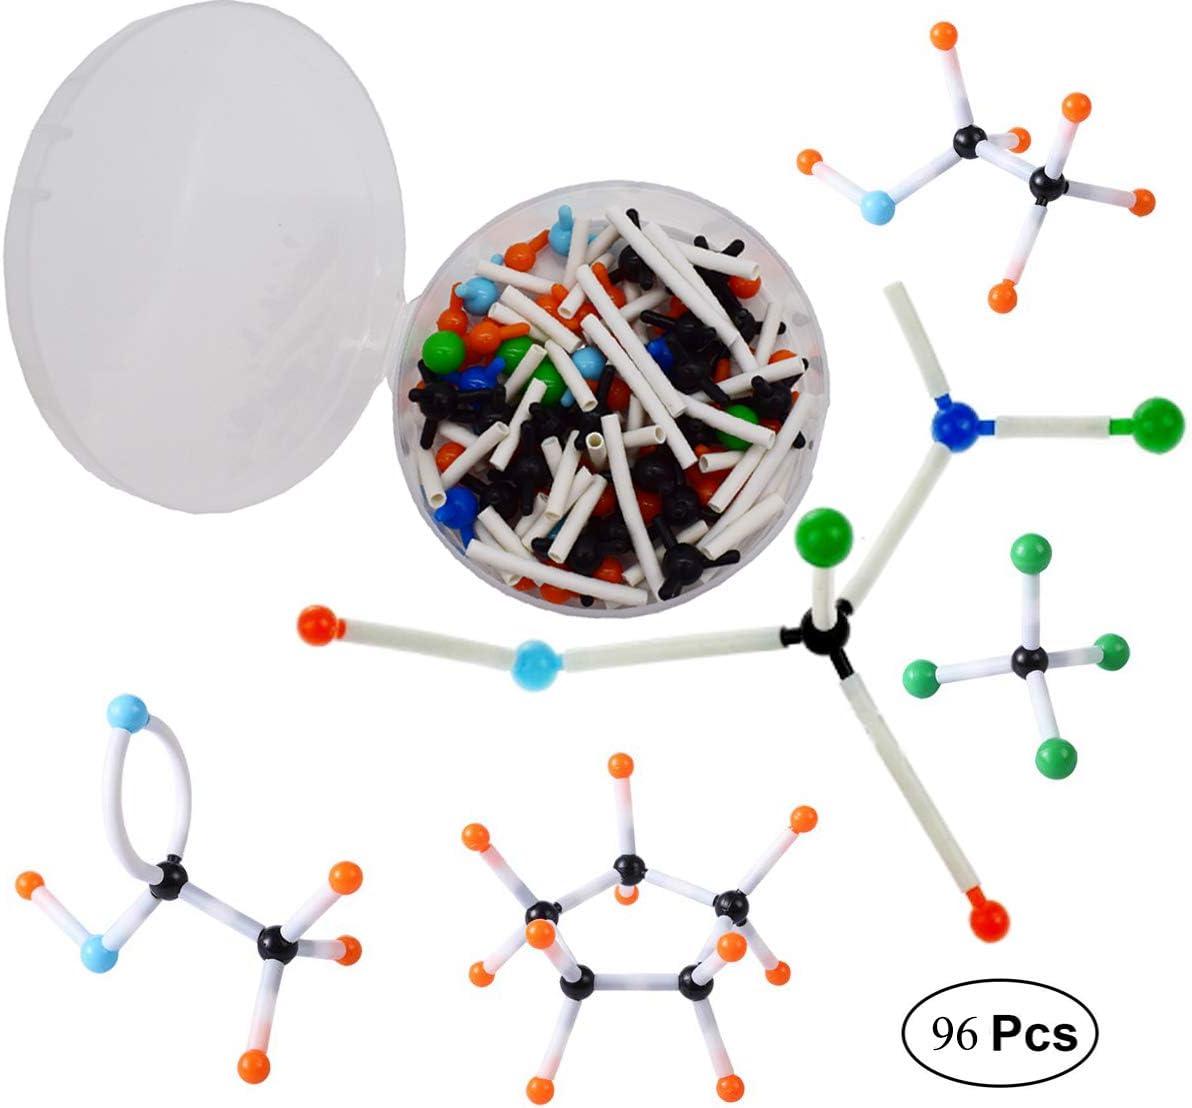 Mengger Modelos Moleculares Kit 96pcs Química Orgánica e Inorgánica Química Científica atomía Atomizador enseñanza Set de Aprendizaje Molecular Modelo Molecular